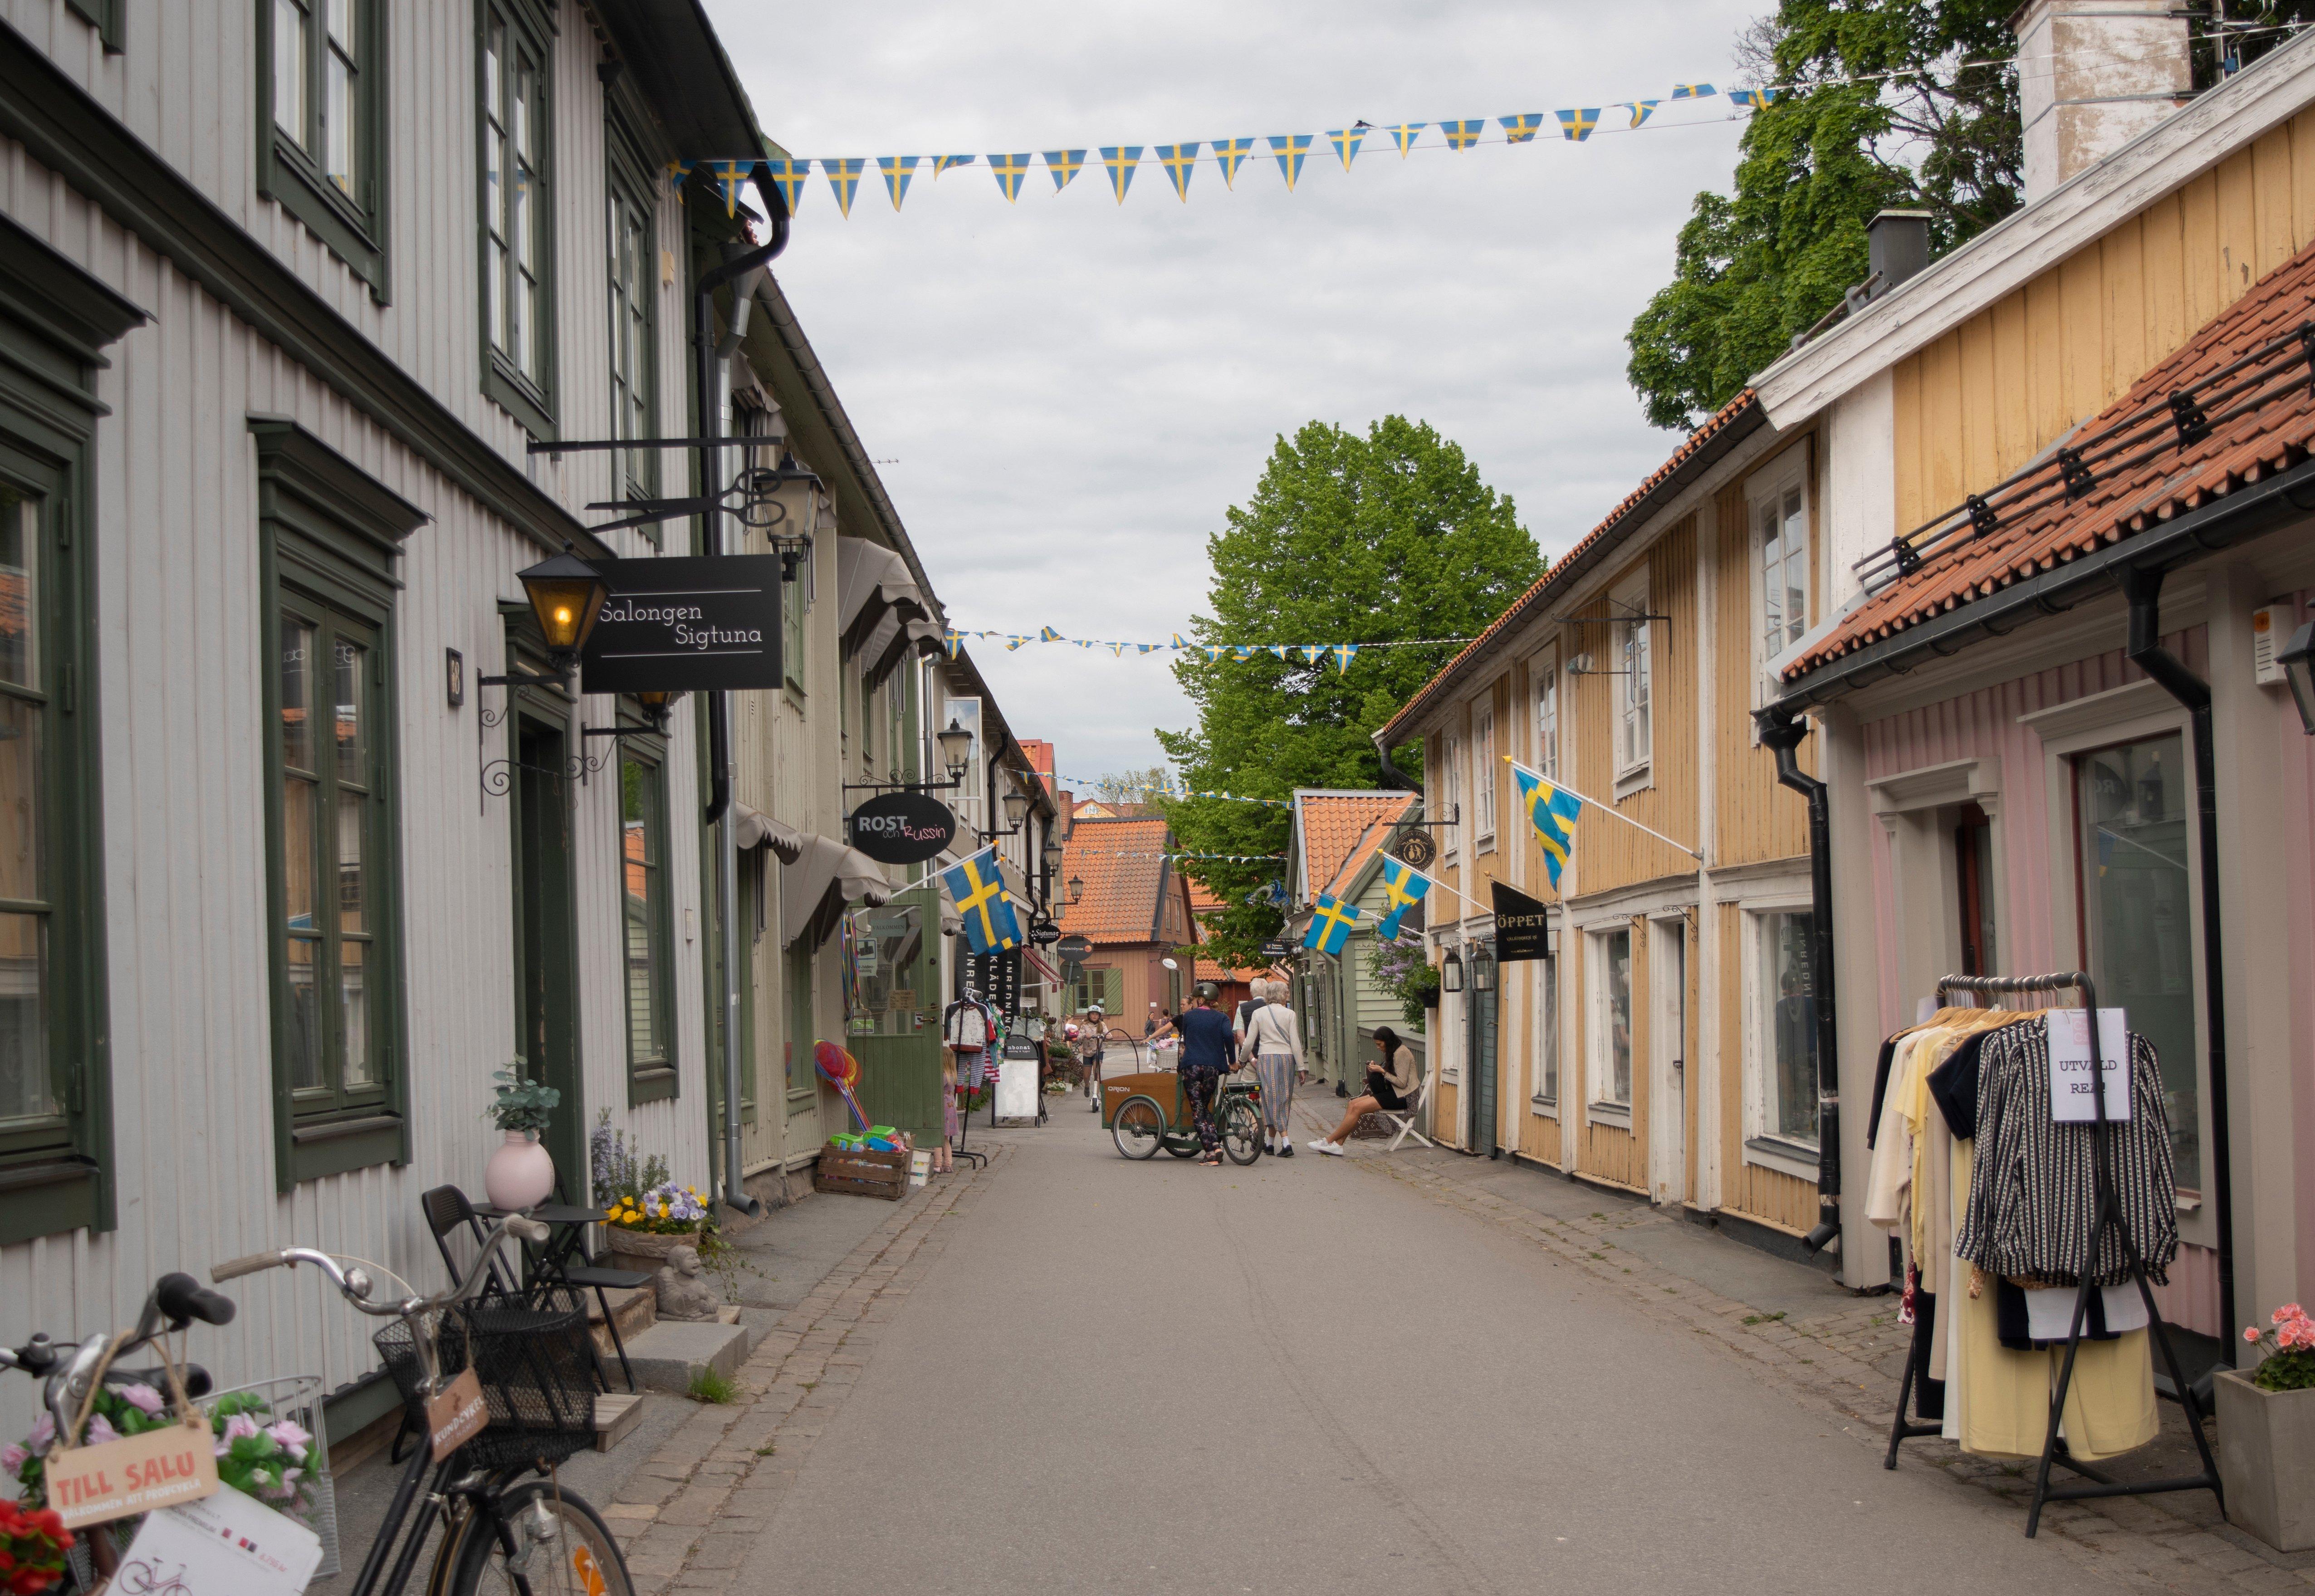 sommar_storagatan